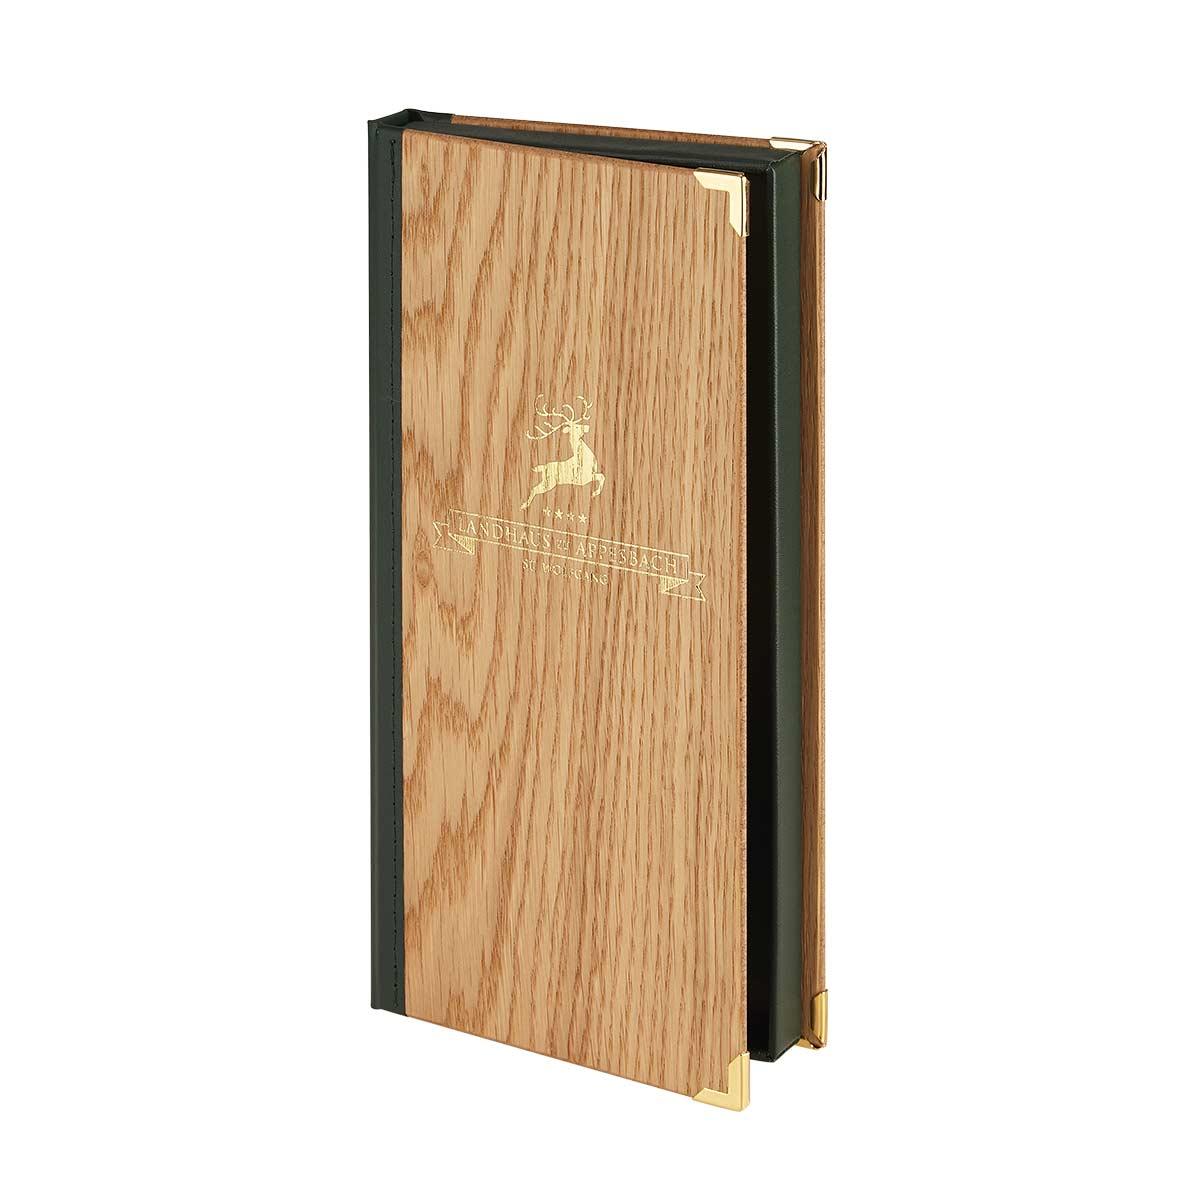 Rechnungsbox aus Holz von Gastrotopcard